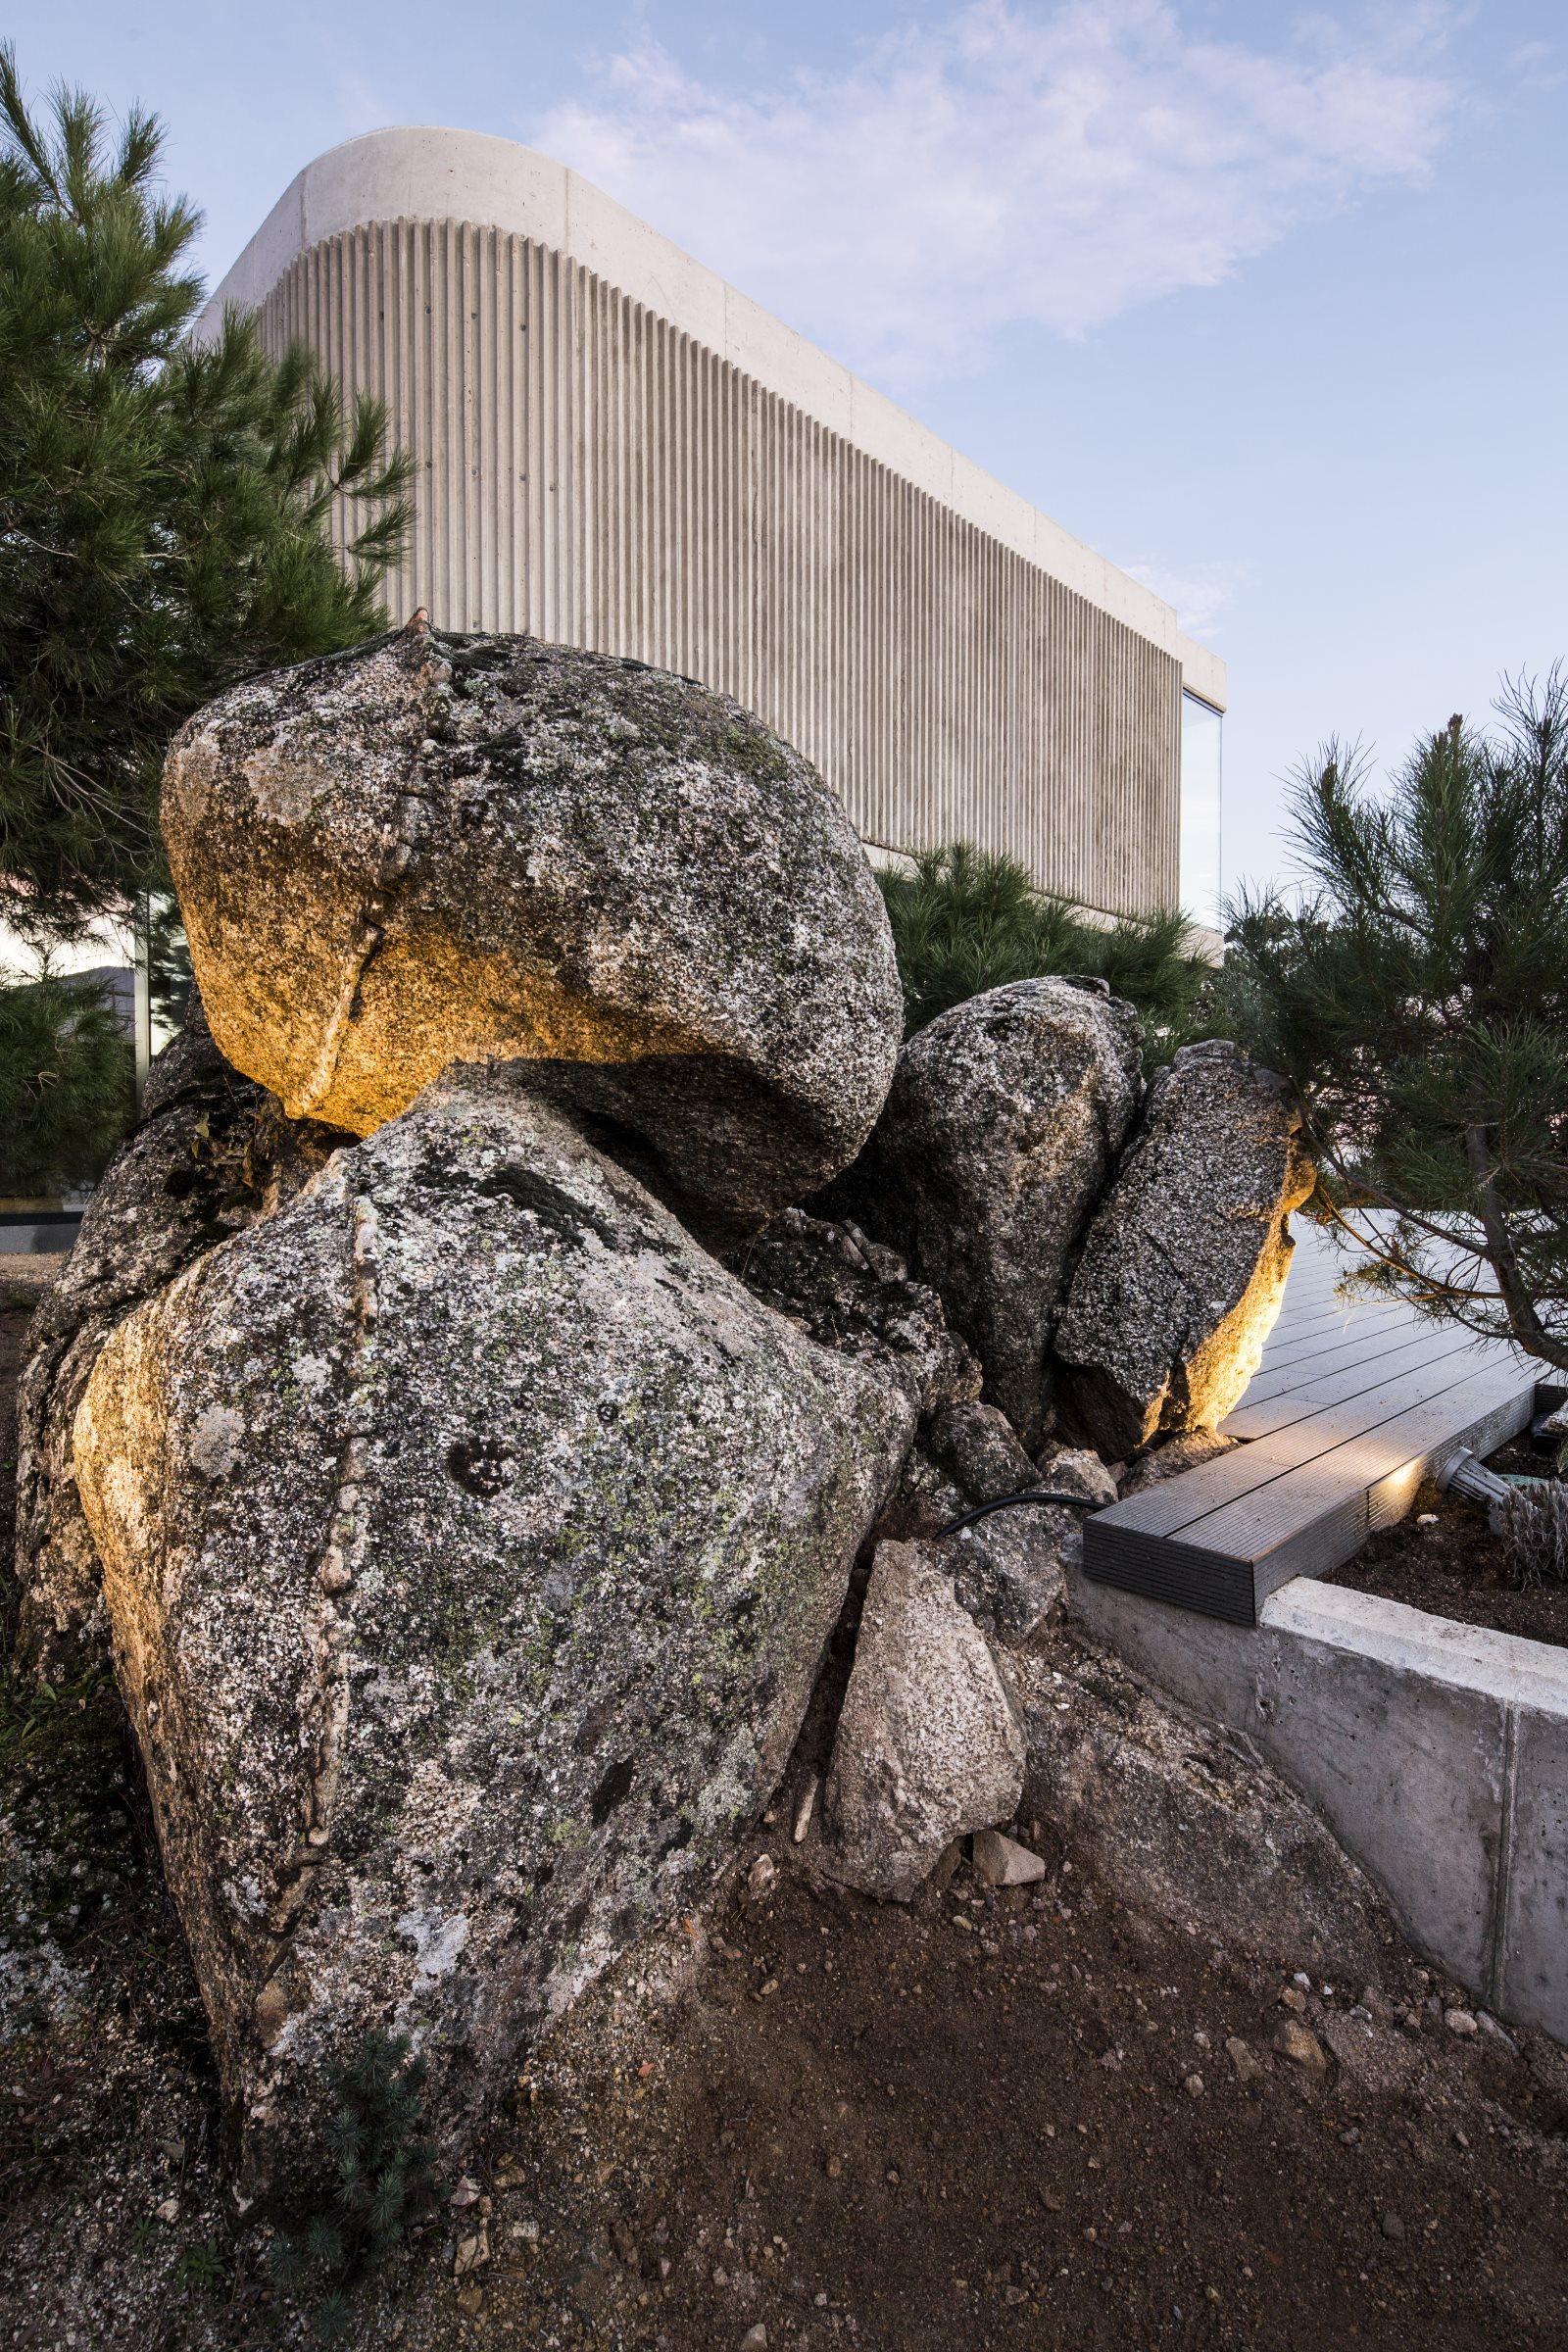 Rock 39 s house u3 estudio de arquitectura madrid - Estudio de arquitectura madrid ...